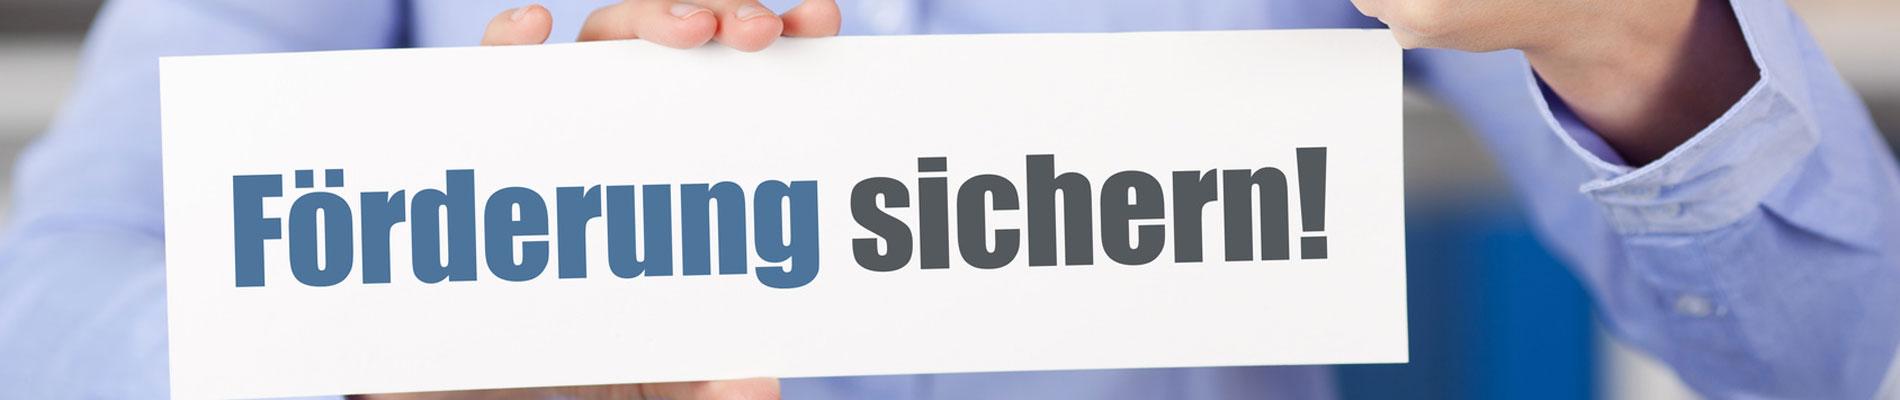 foerderung-weiterbildung-pflege-betreuung-berlin-1900